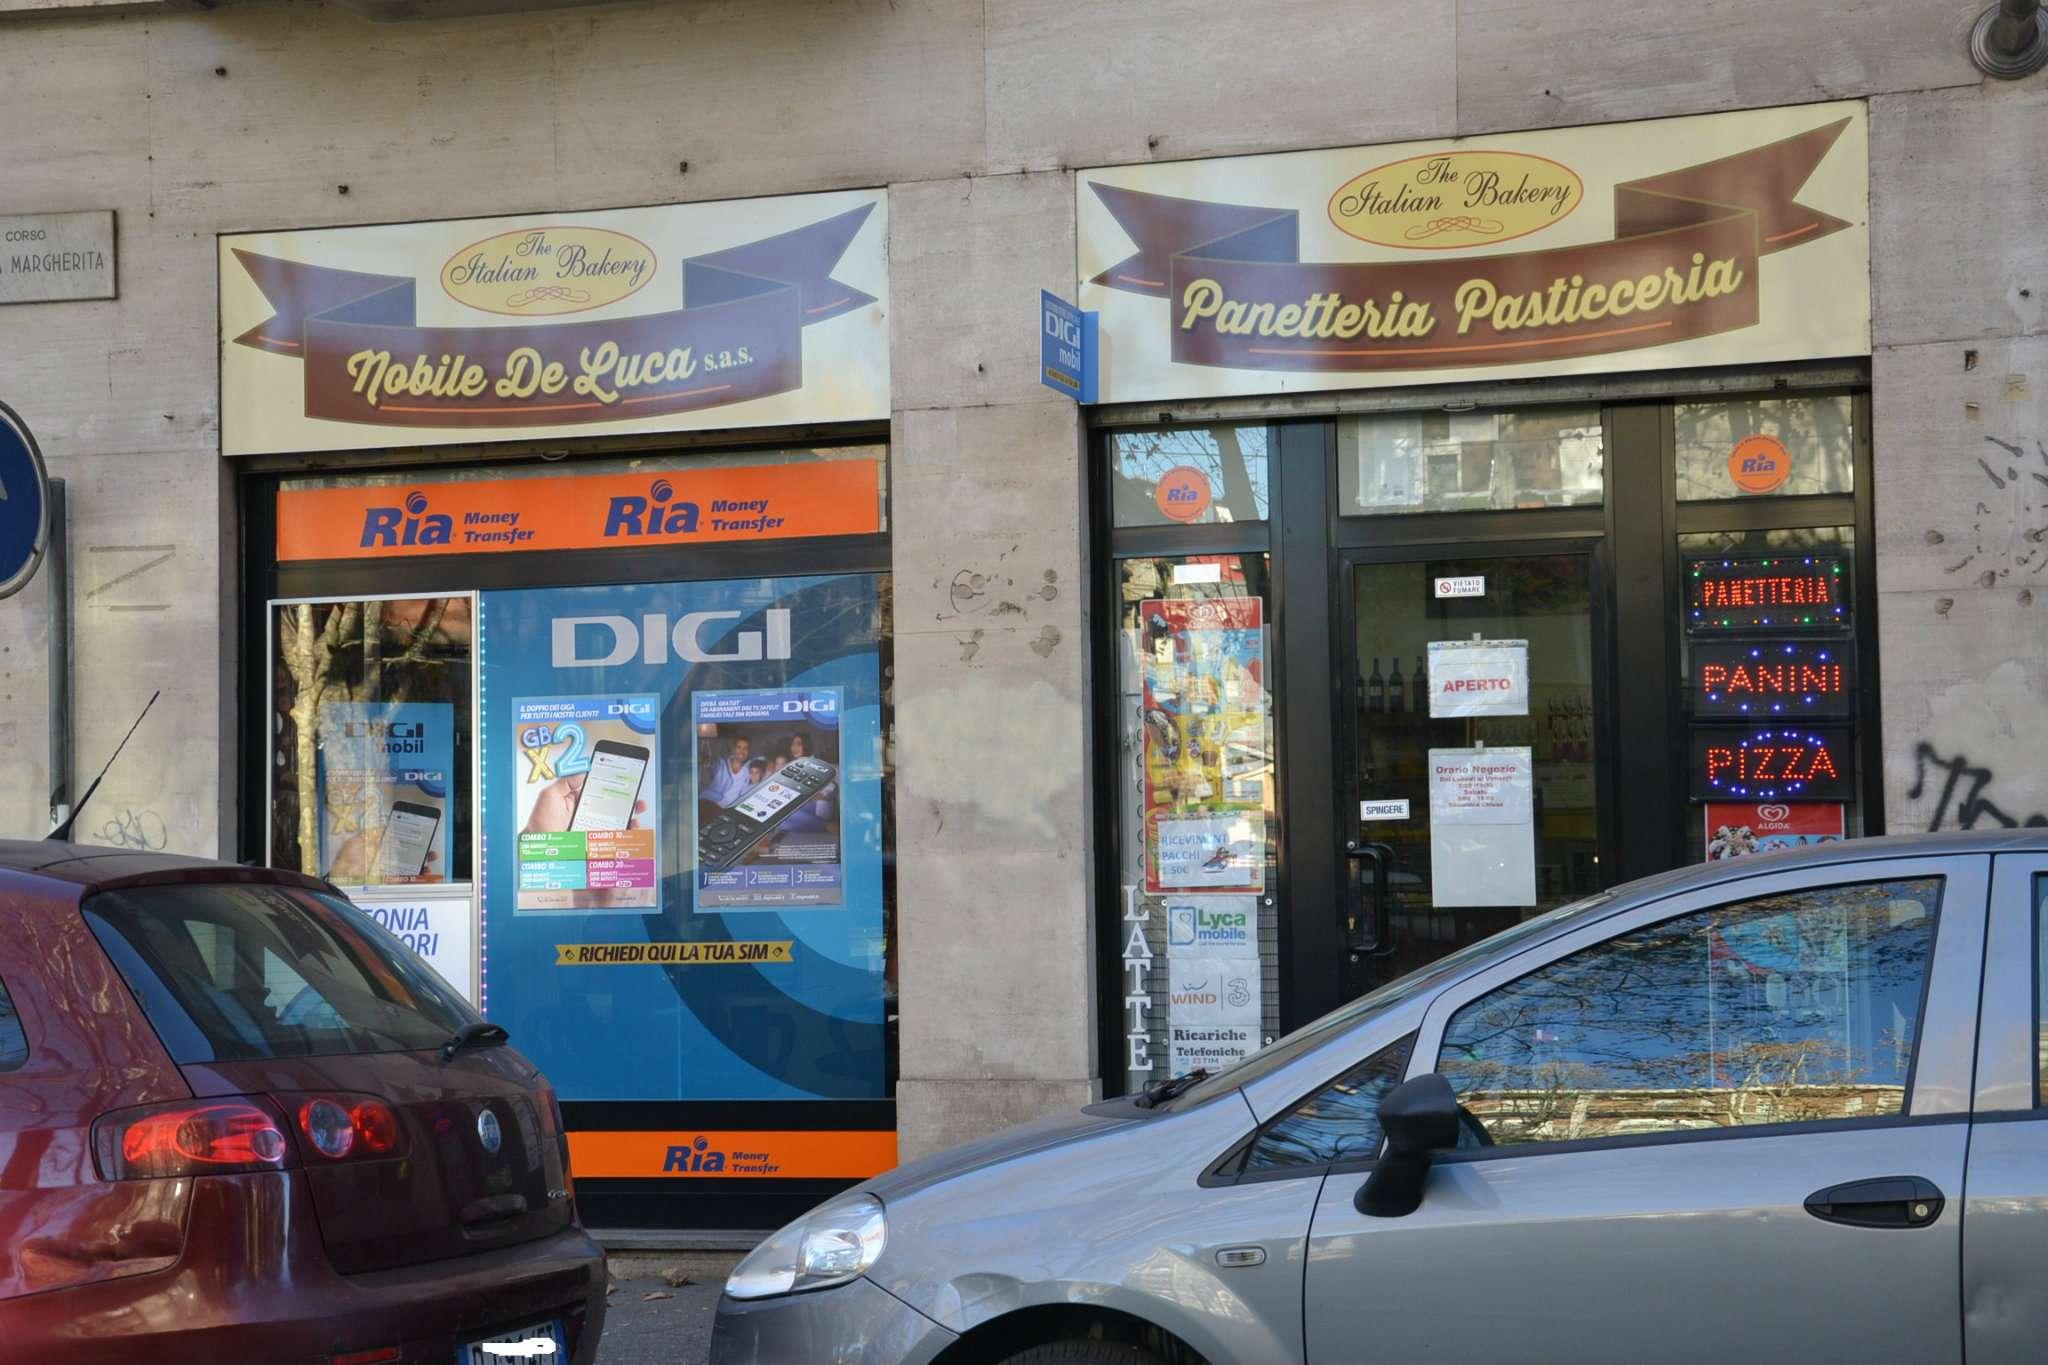 Negozio in vendita Zona Cit Turin, San Donato, Campidoglio - indirizzo su richiesta Torino